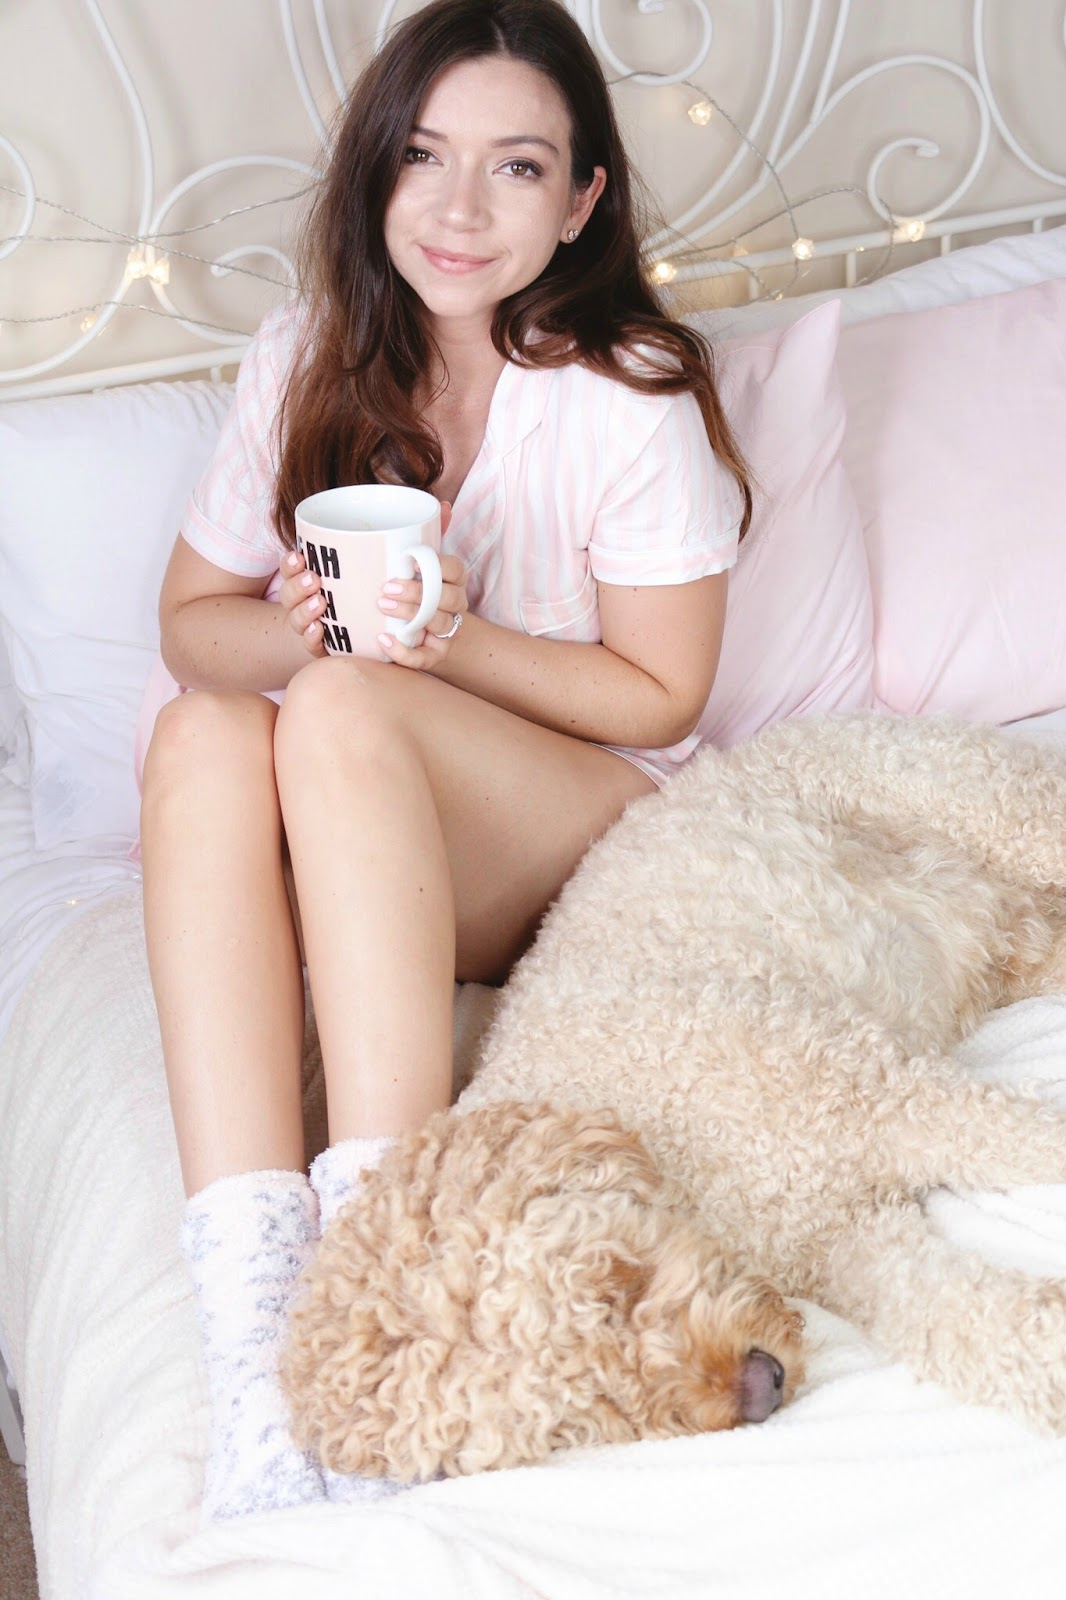 The £10 Victoria's Secret Inspired Pyjama's You Need, Fashion, Victorias secret pyjamas, victorias secret dupes, primark pyjamas, primark September 2017, Lifestyle, Primark, Victoria's Secret,